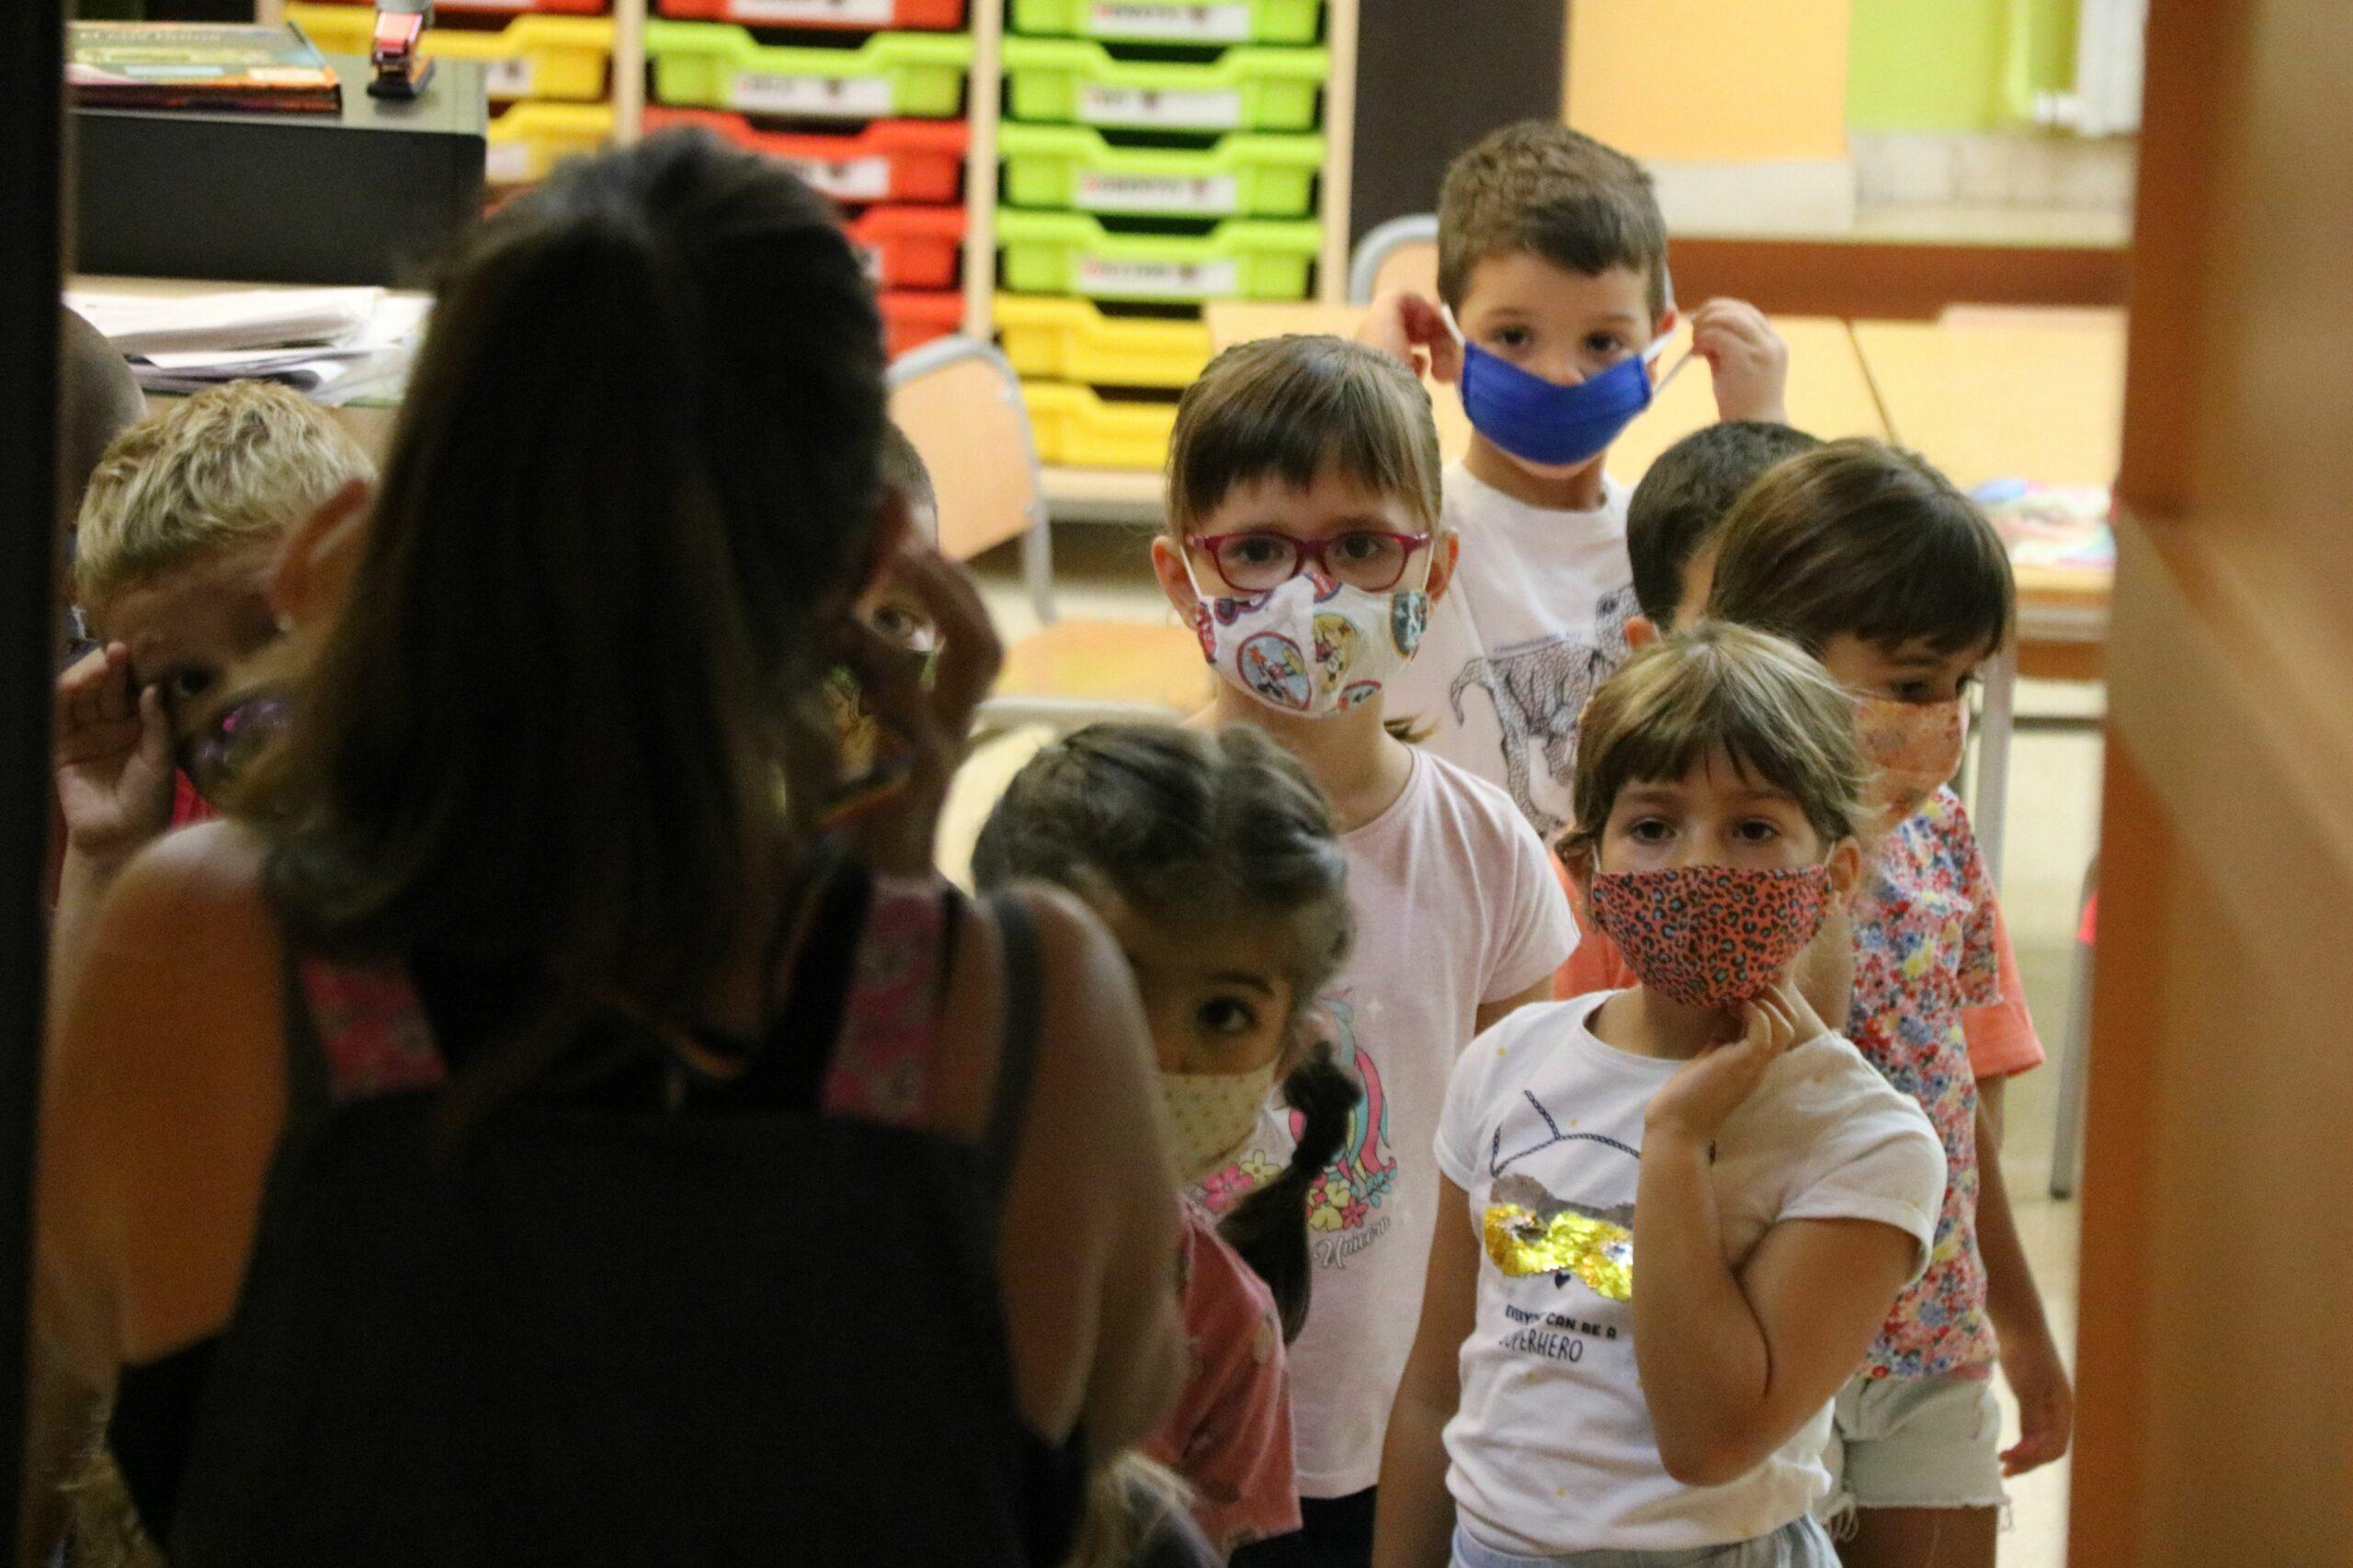 Un grup d'alumnes sortint de la seva classe amb les mascaretes posades a l'Escola Catal?nia de Barcelona